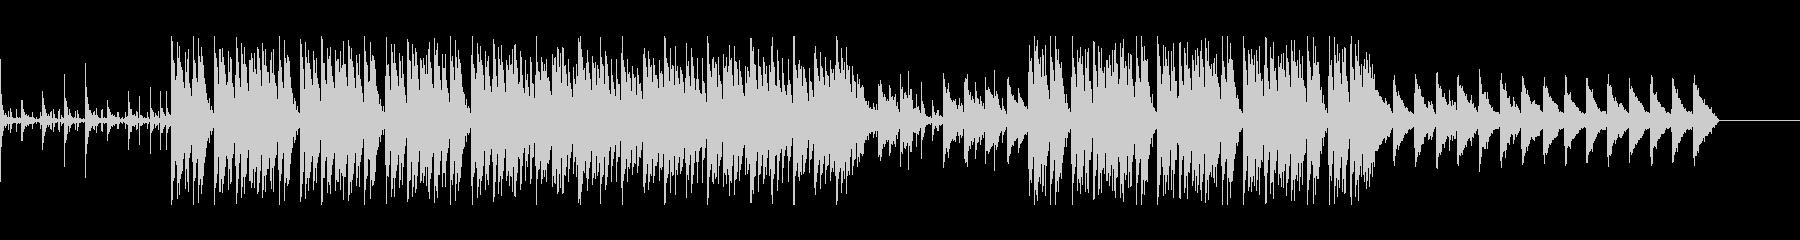 アングラなHIPHOP系BGMの未再生の波形